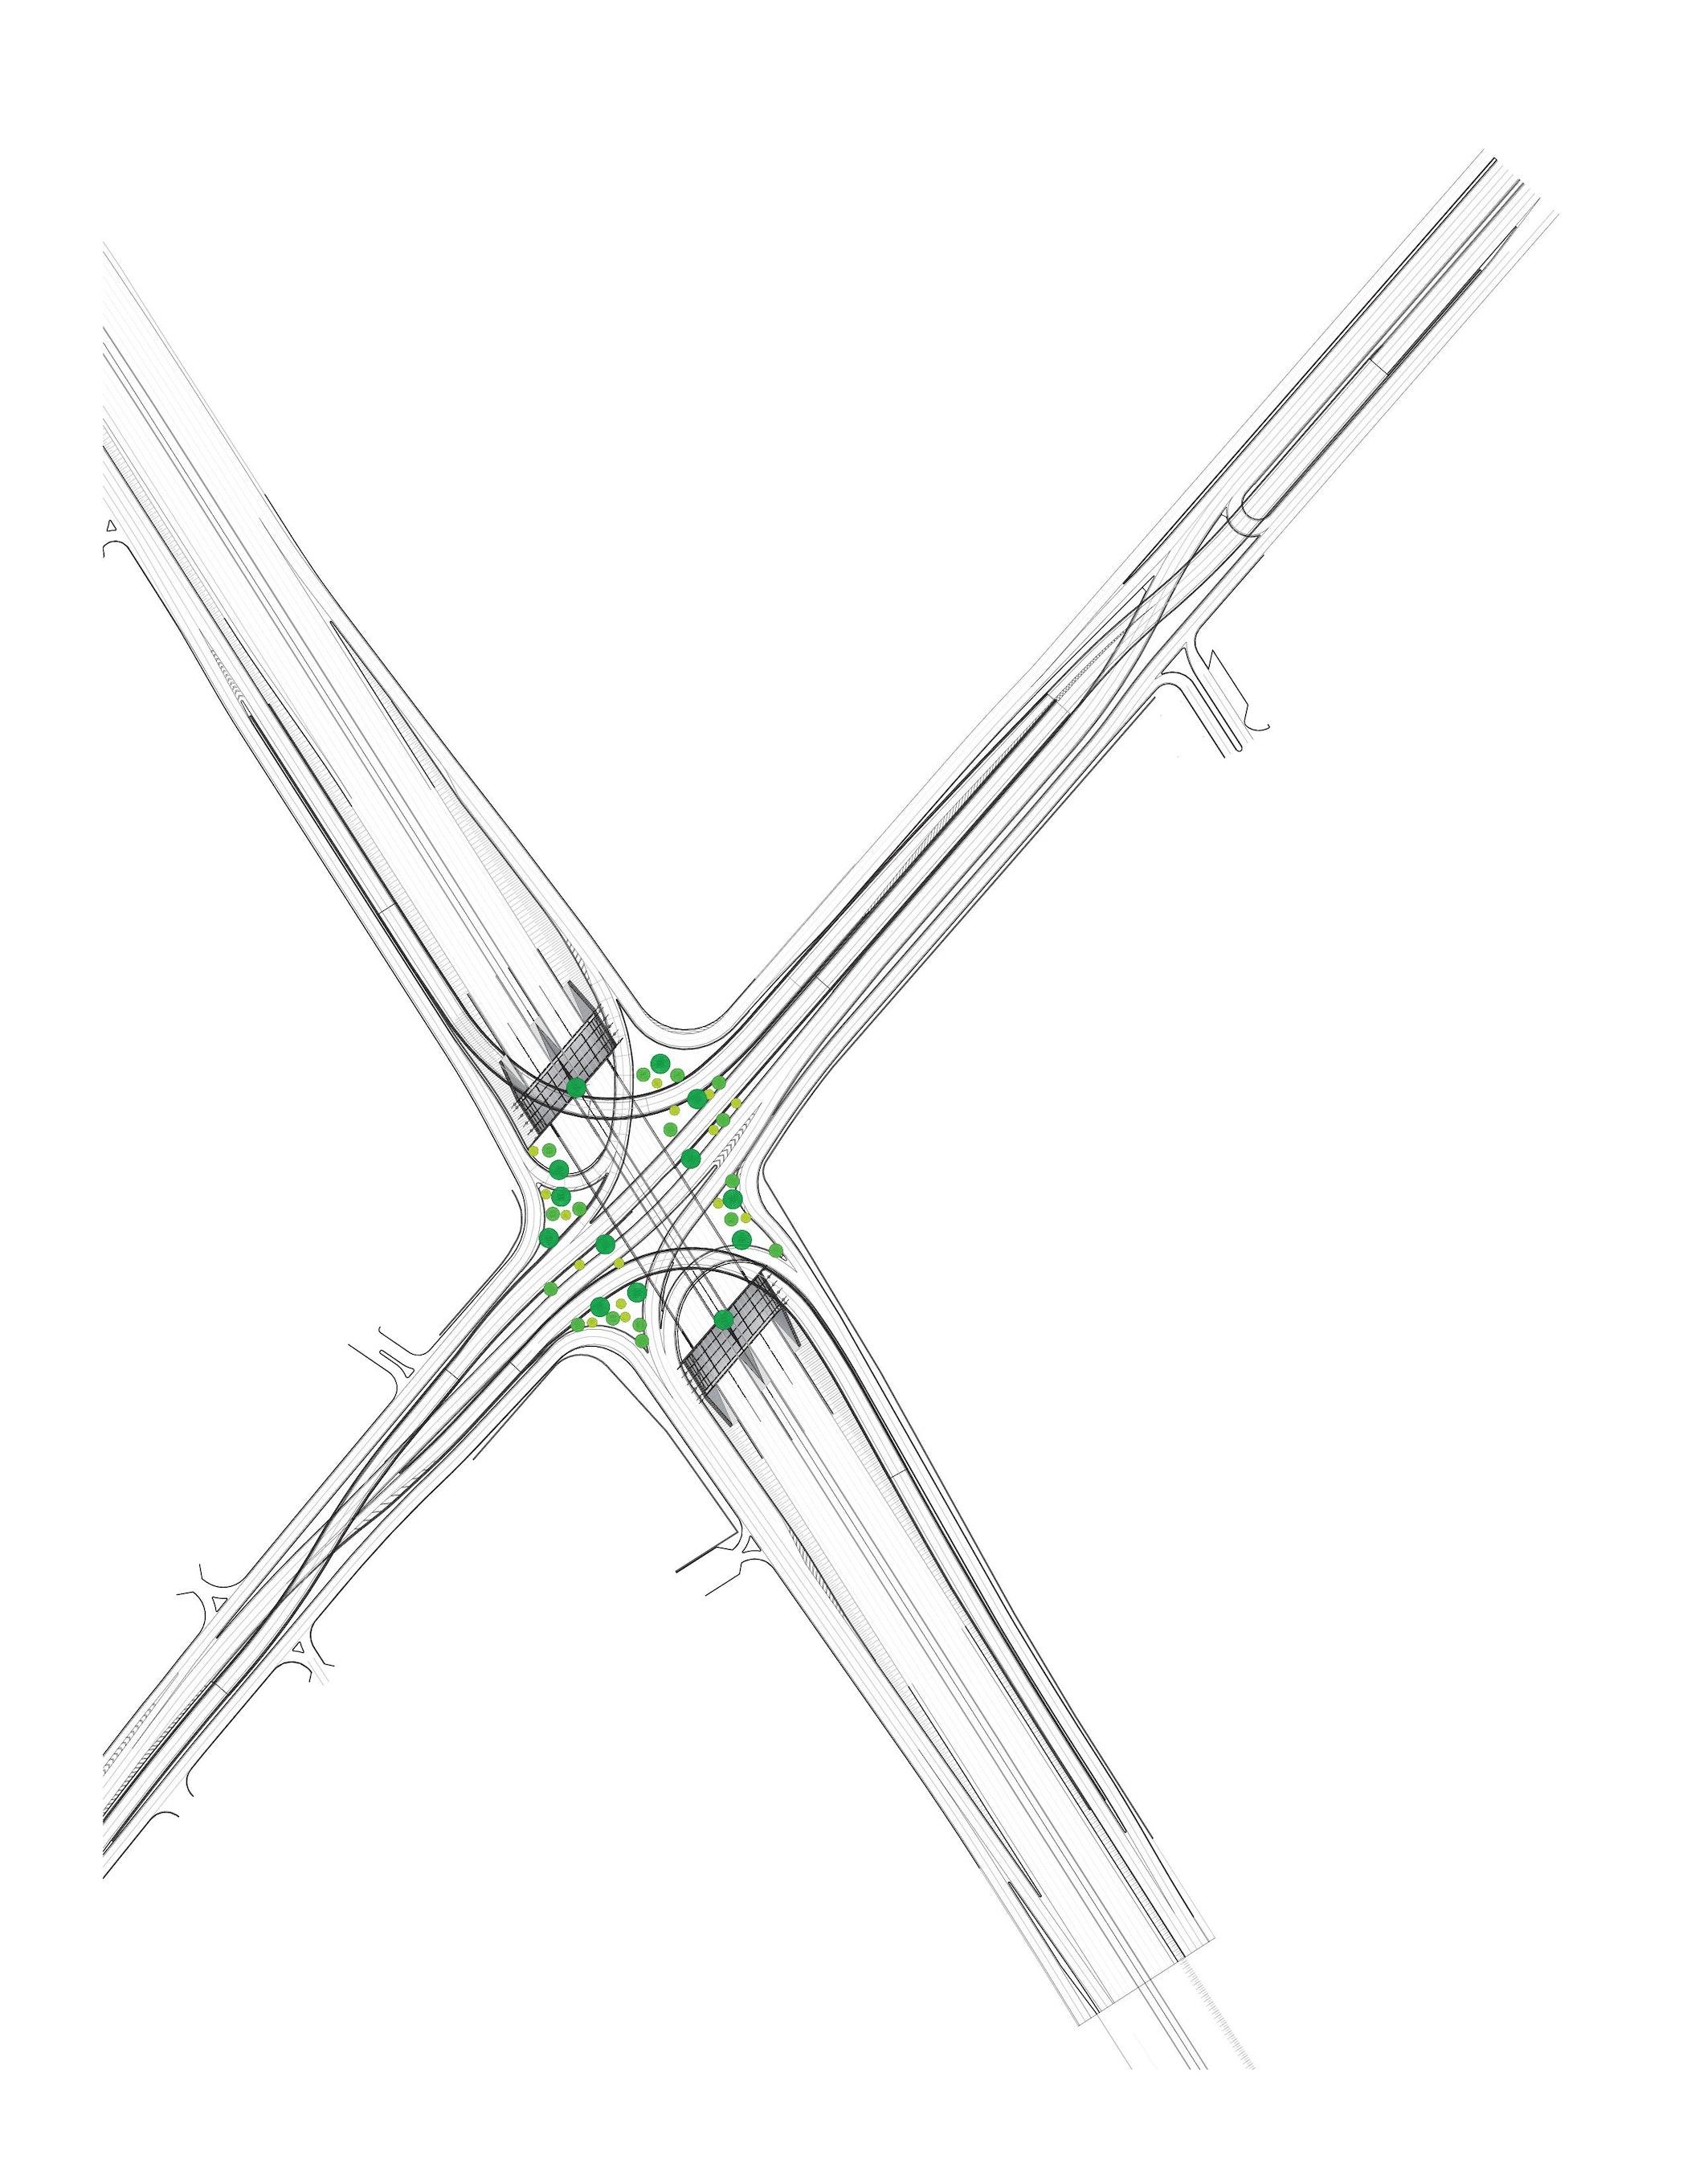 Riad Kreuzung Li P02 Copy Neu